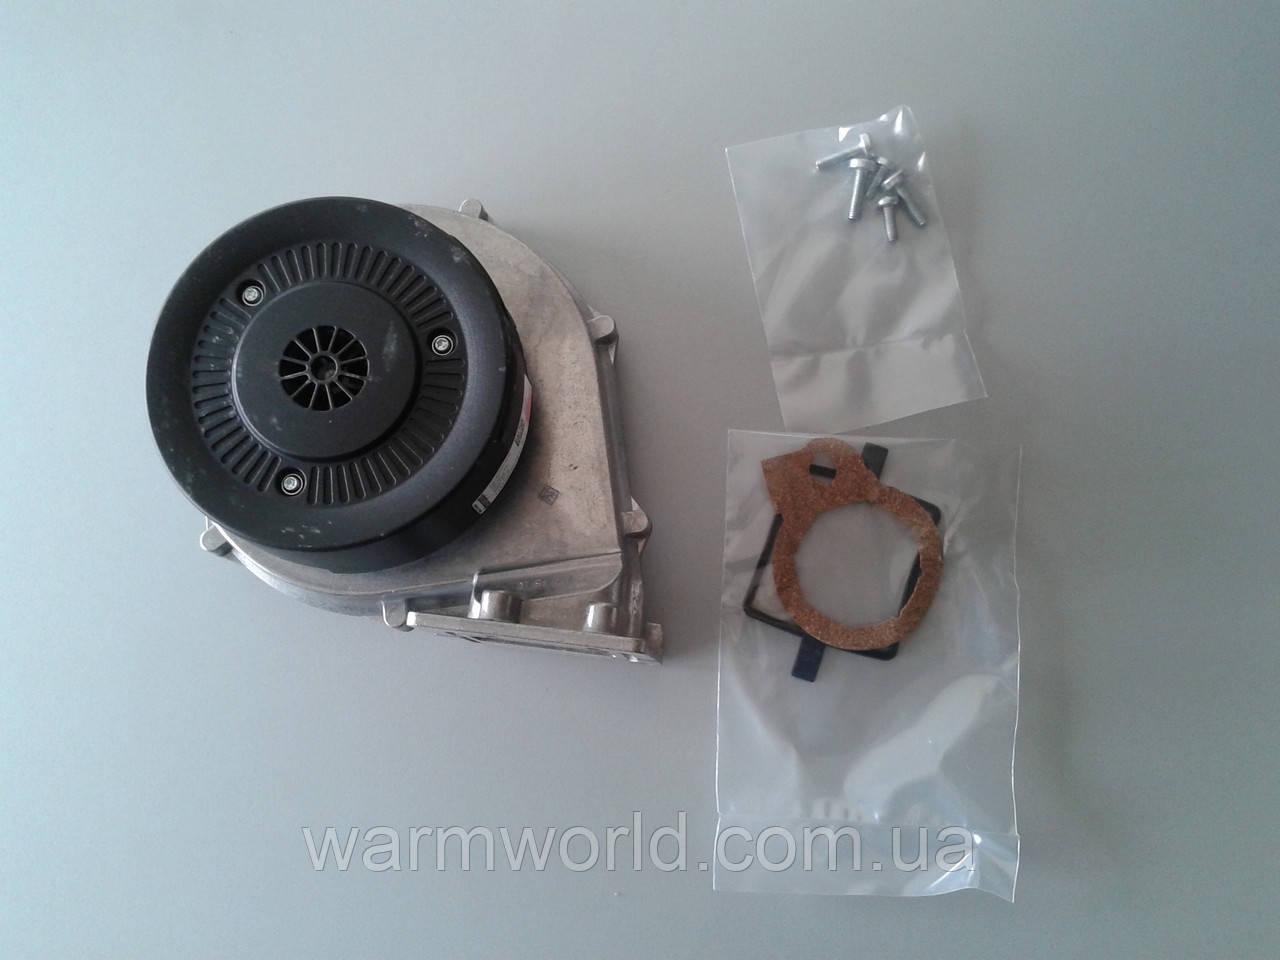 193593 Вентилятор EcoTec Pro\Plus Vaillant